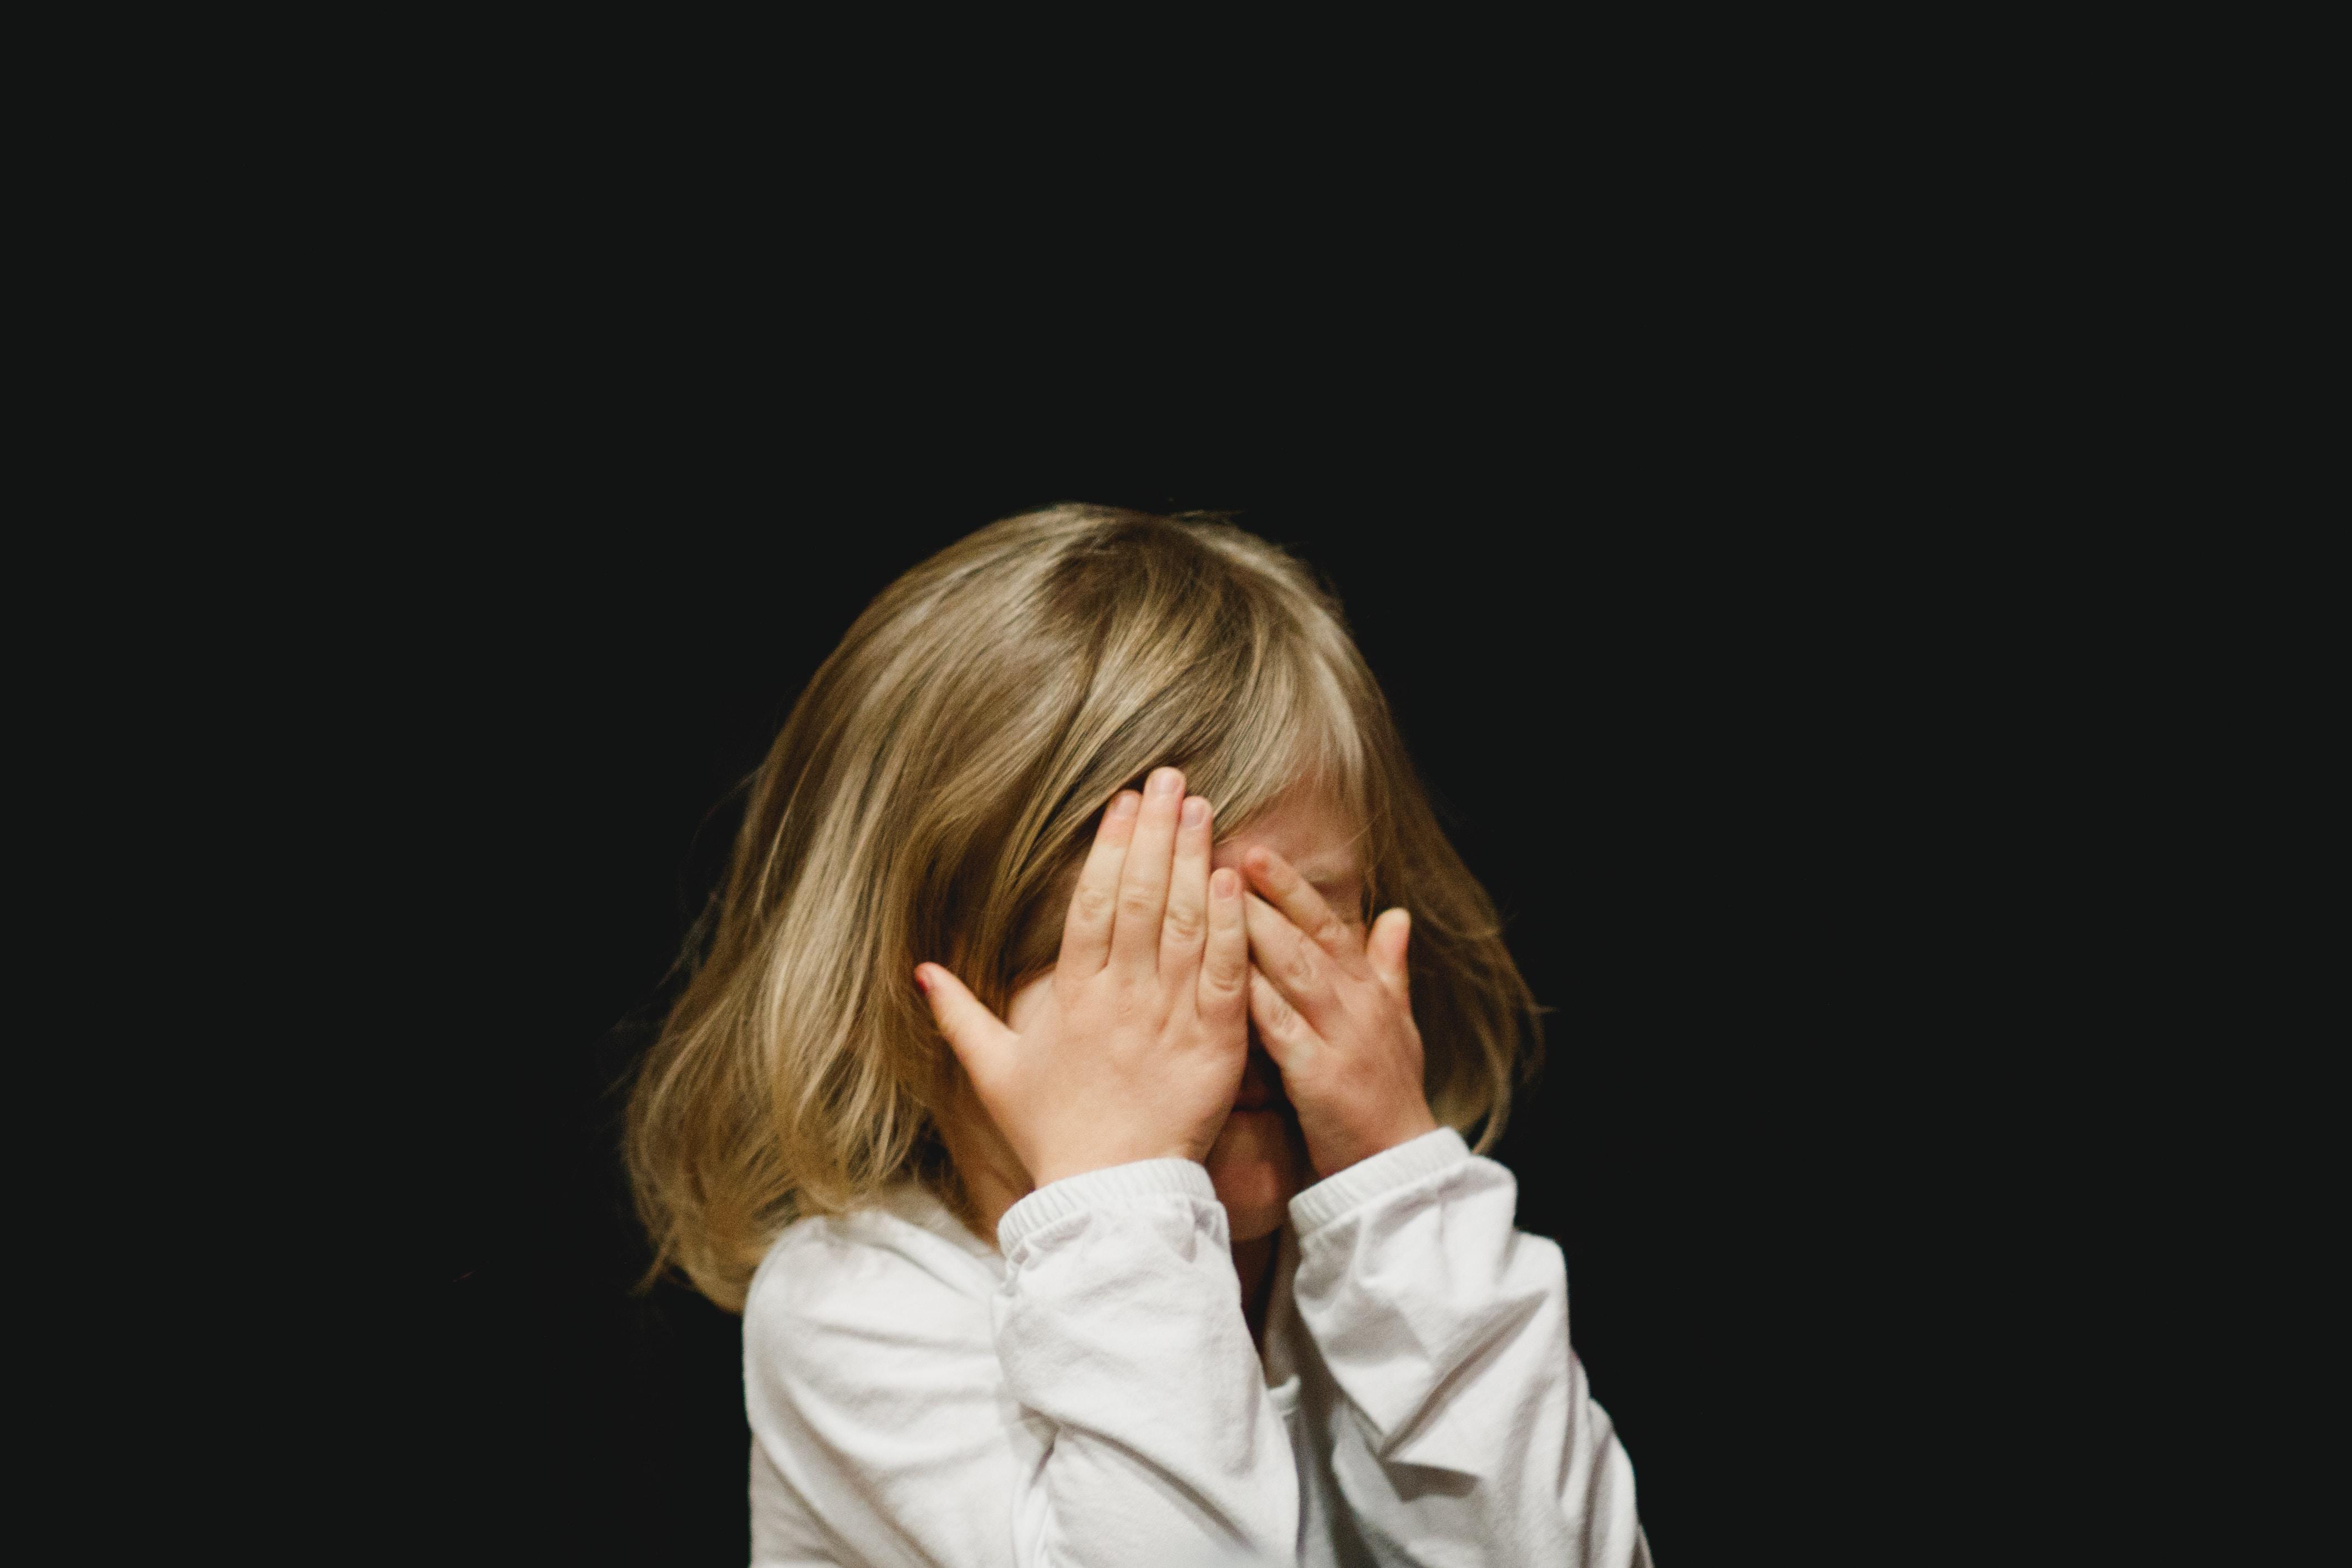 (Și) voi vă enervați pe copii uneori?